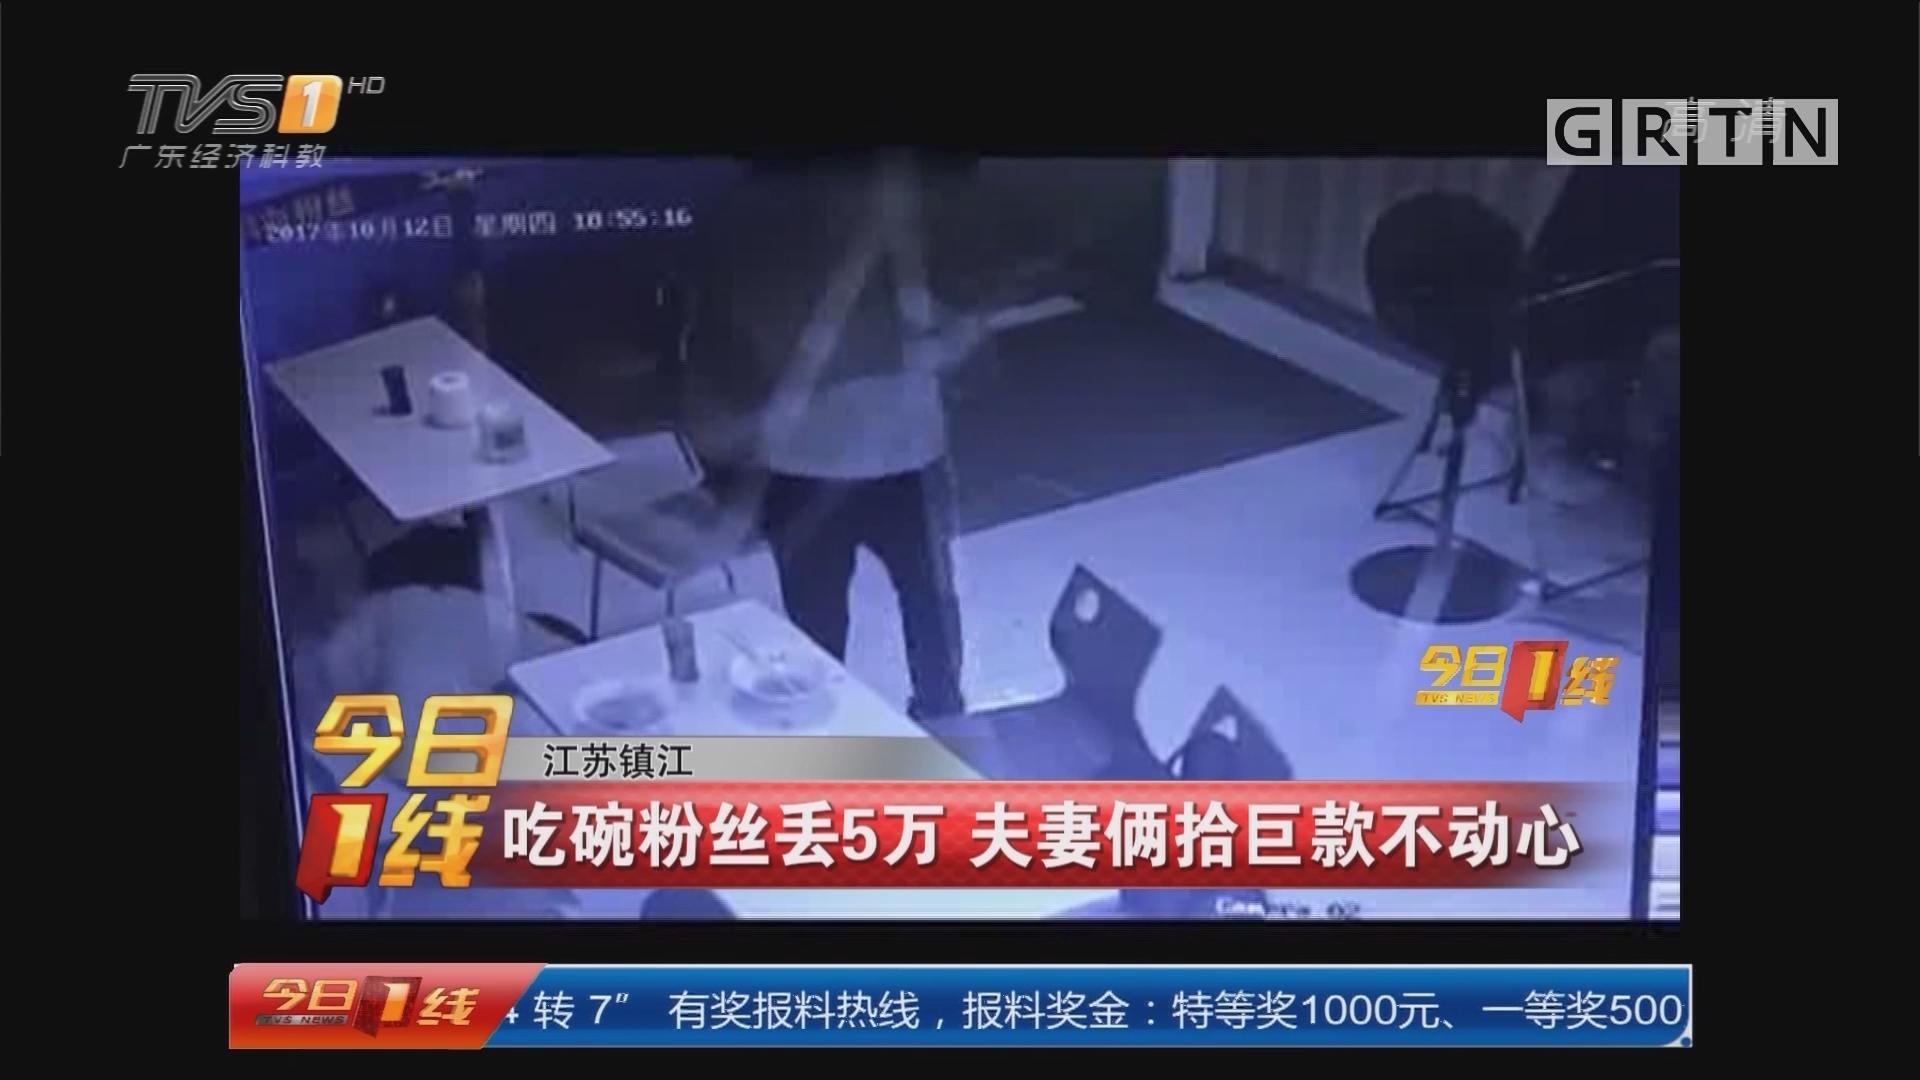 江苏镇江:吃碗粉丝丢5万 夫妻俩拾巨款不动心